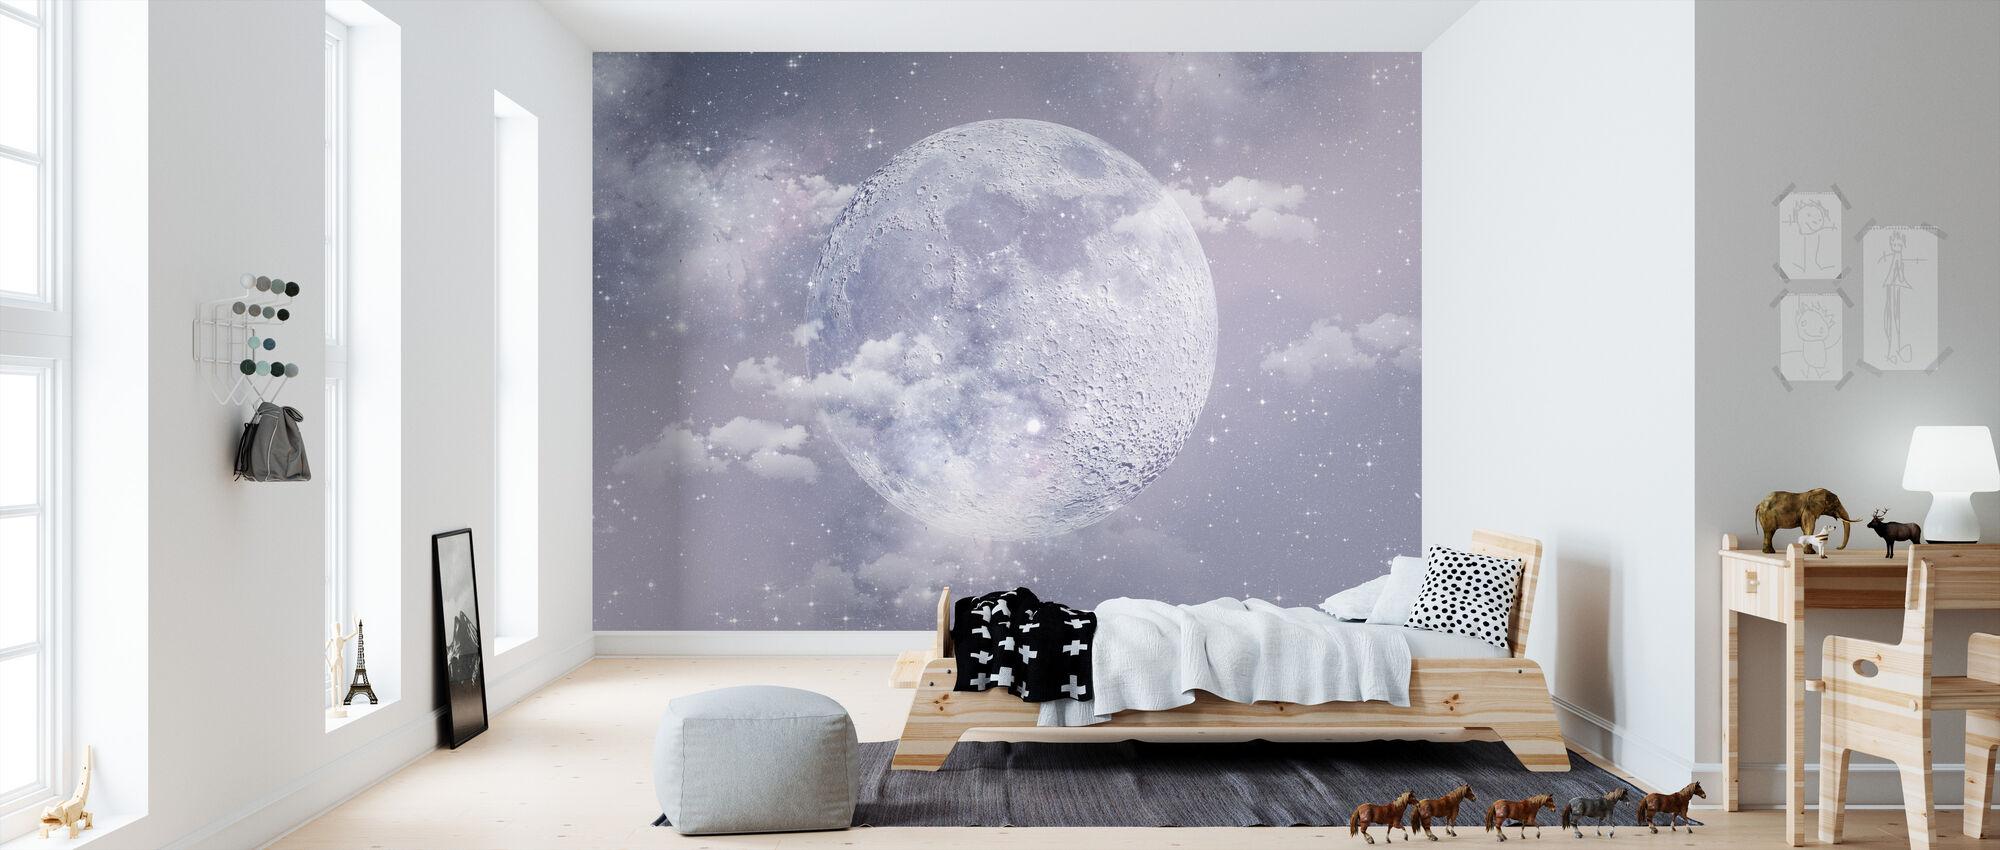 Moon - Wallpaper - Kids Room